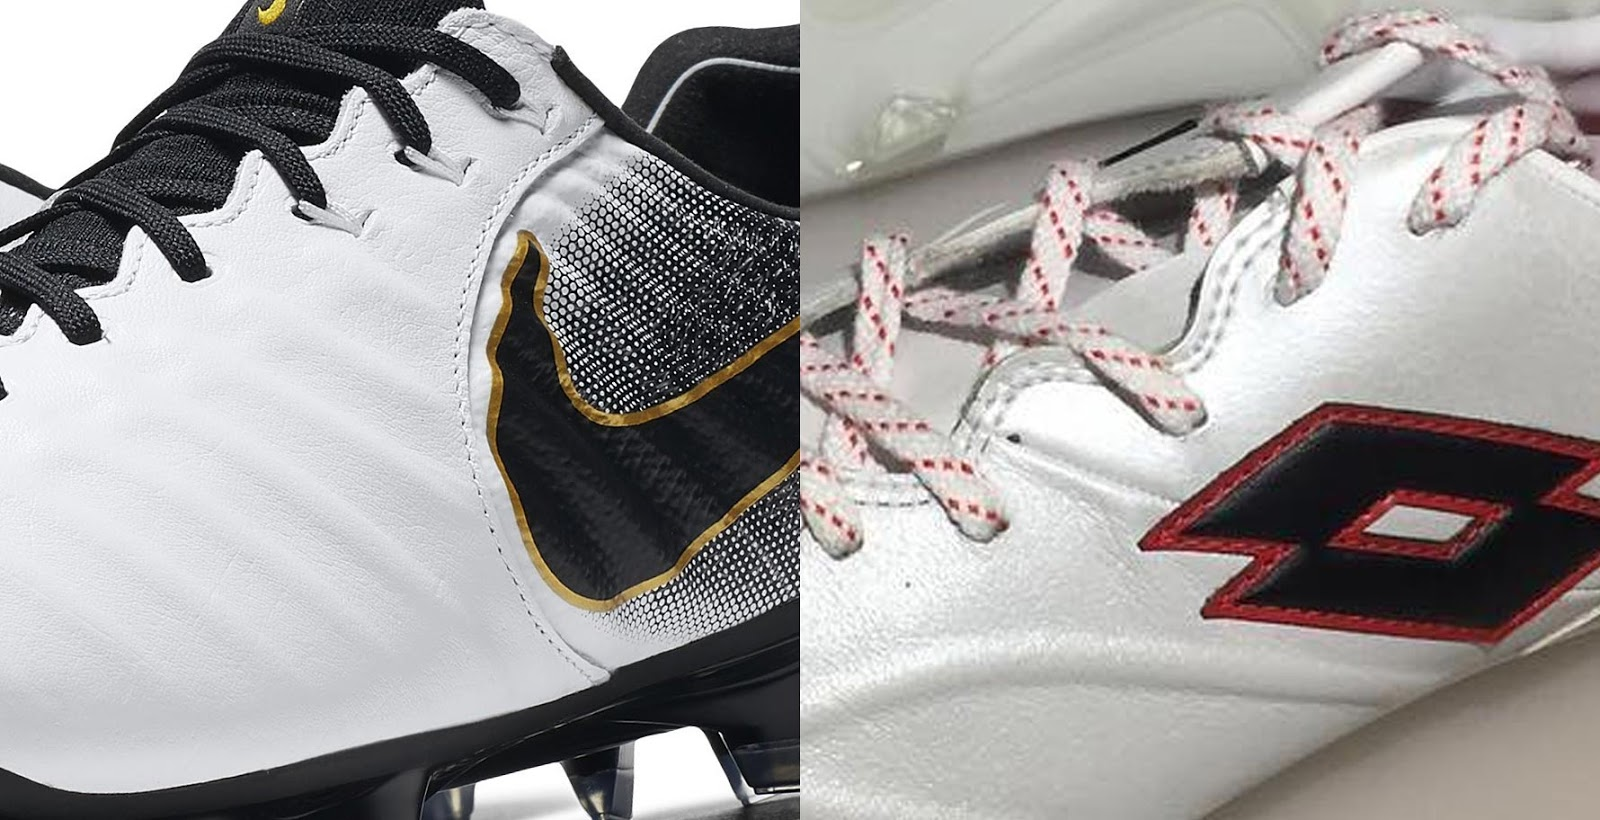 Tiempo Copy  All-New Lotto Capolista 2019 K-Leather Boots Leaked ... 9e994f516